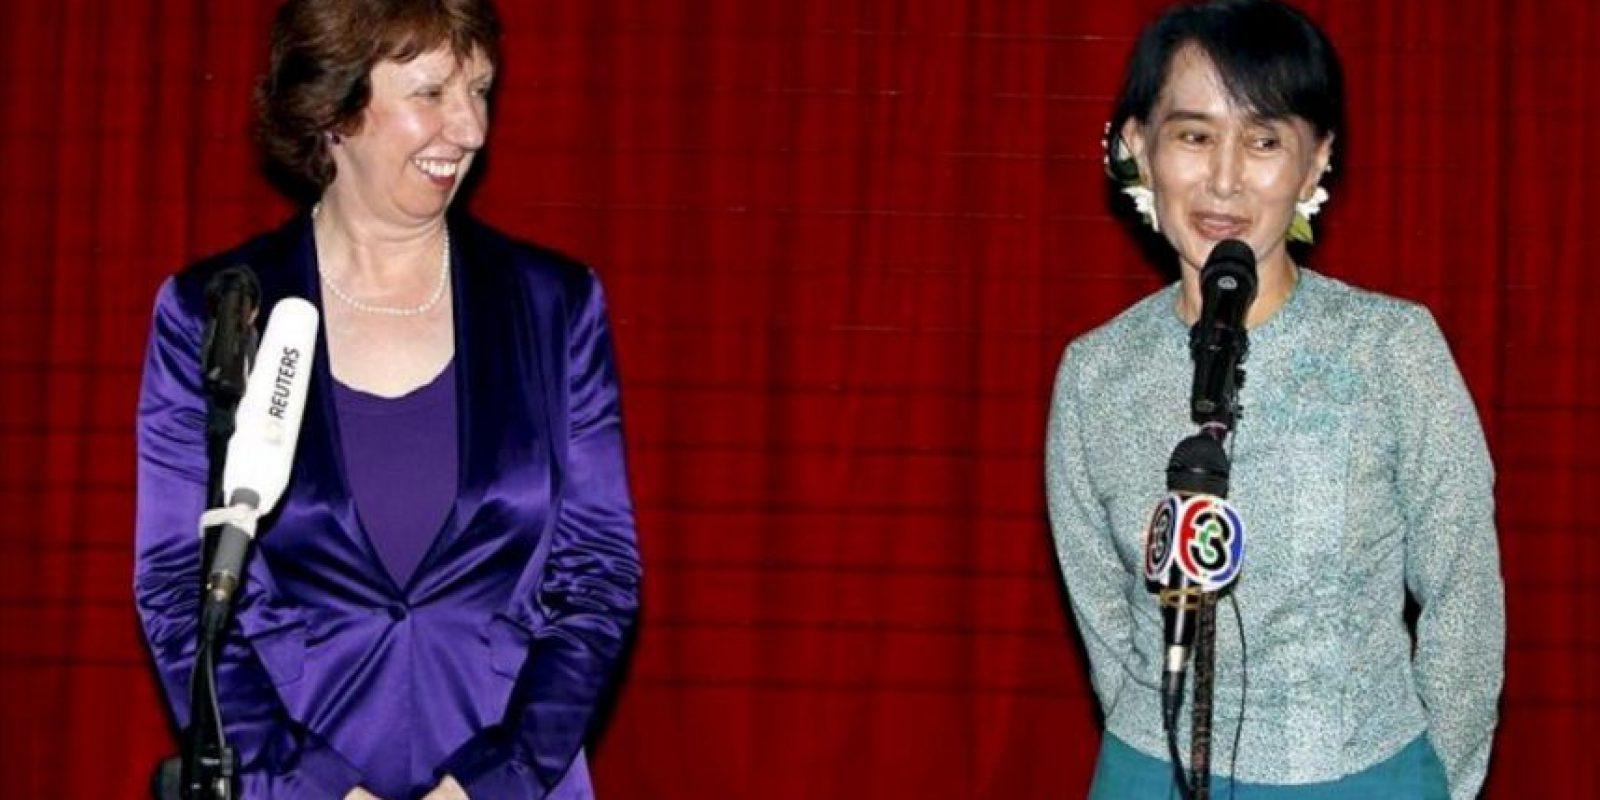 La líder opositora de Birmania y Nobel de la Paz, Aung San Suu Kyi (d), y la jefa de la diplomacia de la Unión Europea, Catherine Ashton (i), ofrecen una conferencia de prensa durante la visita oficial de tres días de Ashton para normalizar la relaciones bilaterales después de que Bruselas suspendiera las sanciones económicas al país, en Rangún, Birmania (Myanmar). EFE